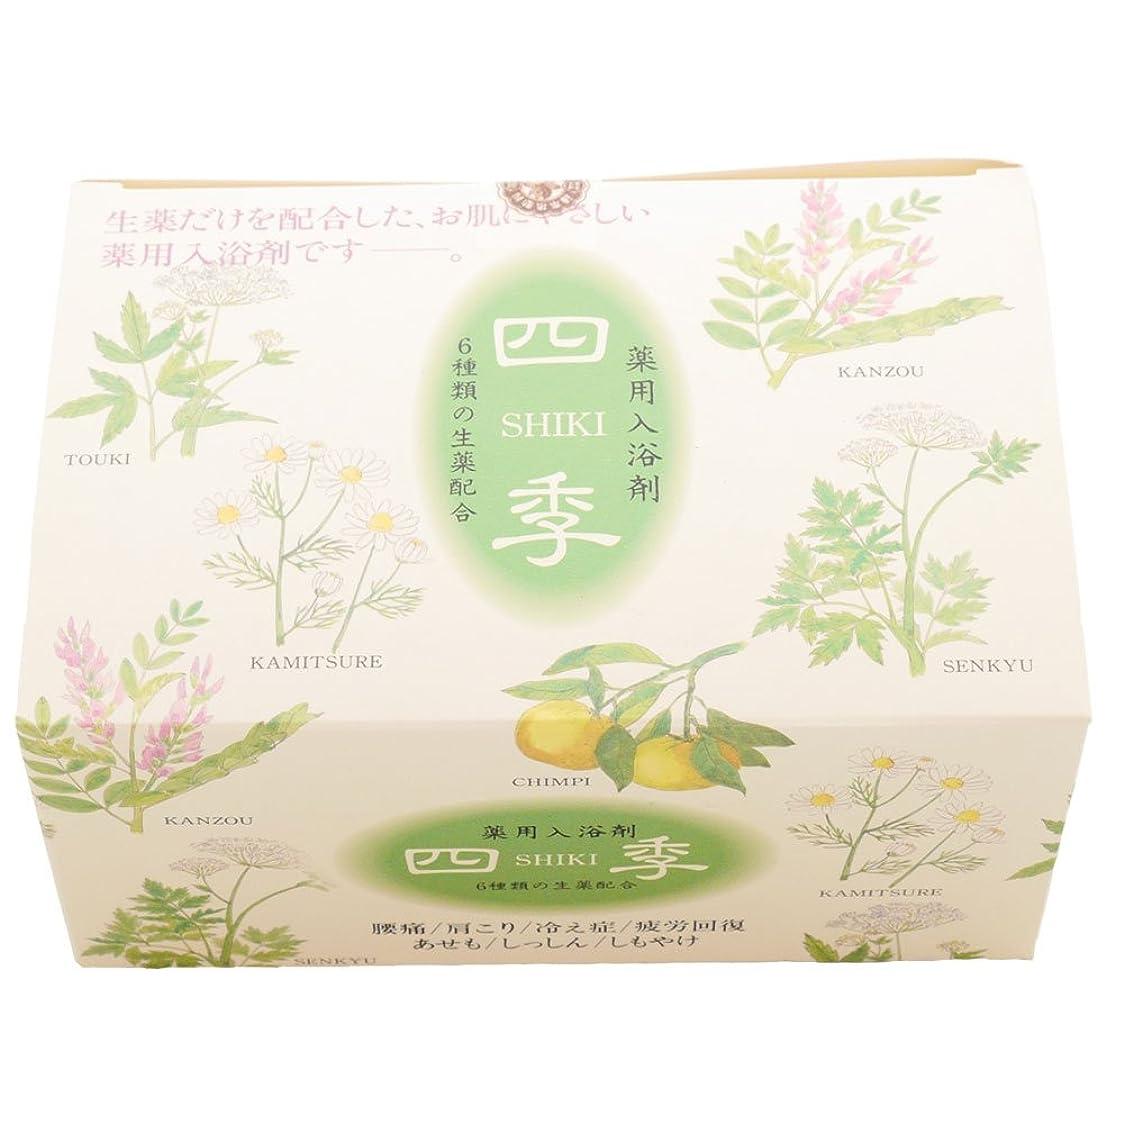 要件アレルギー性馬鹿薬用入浴剤 四季25g×10包